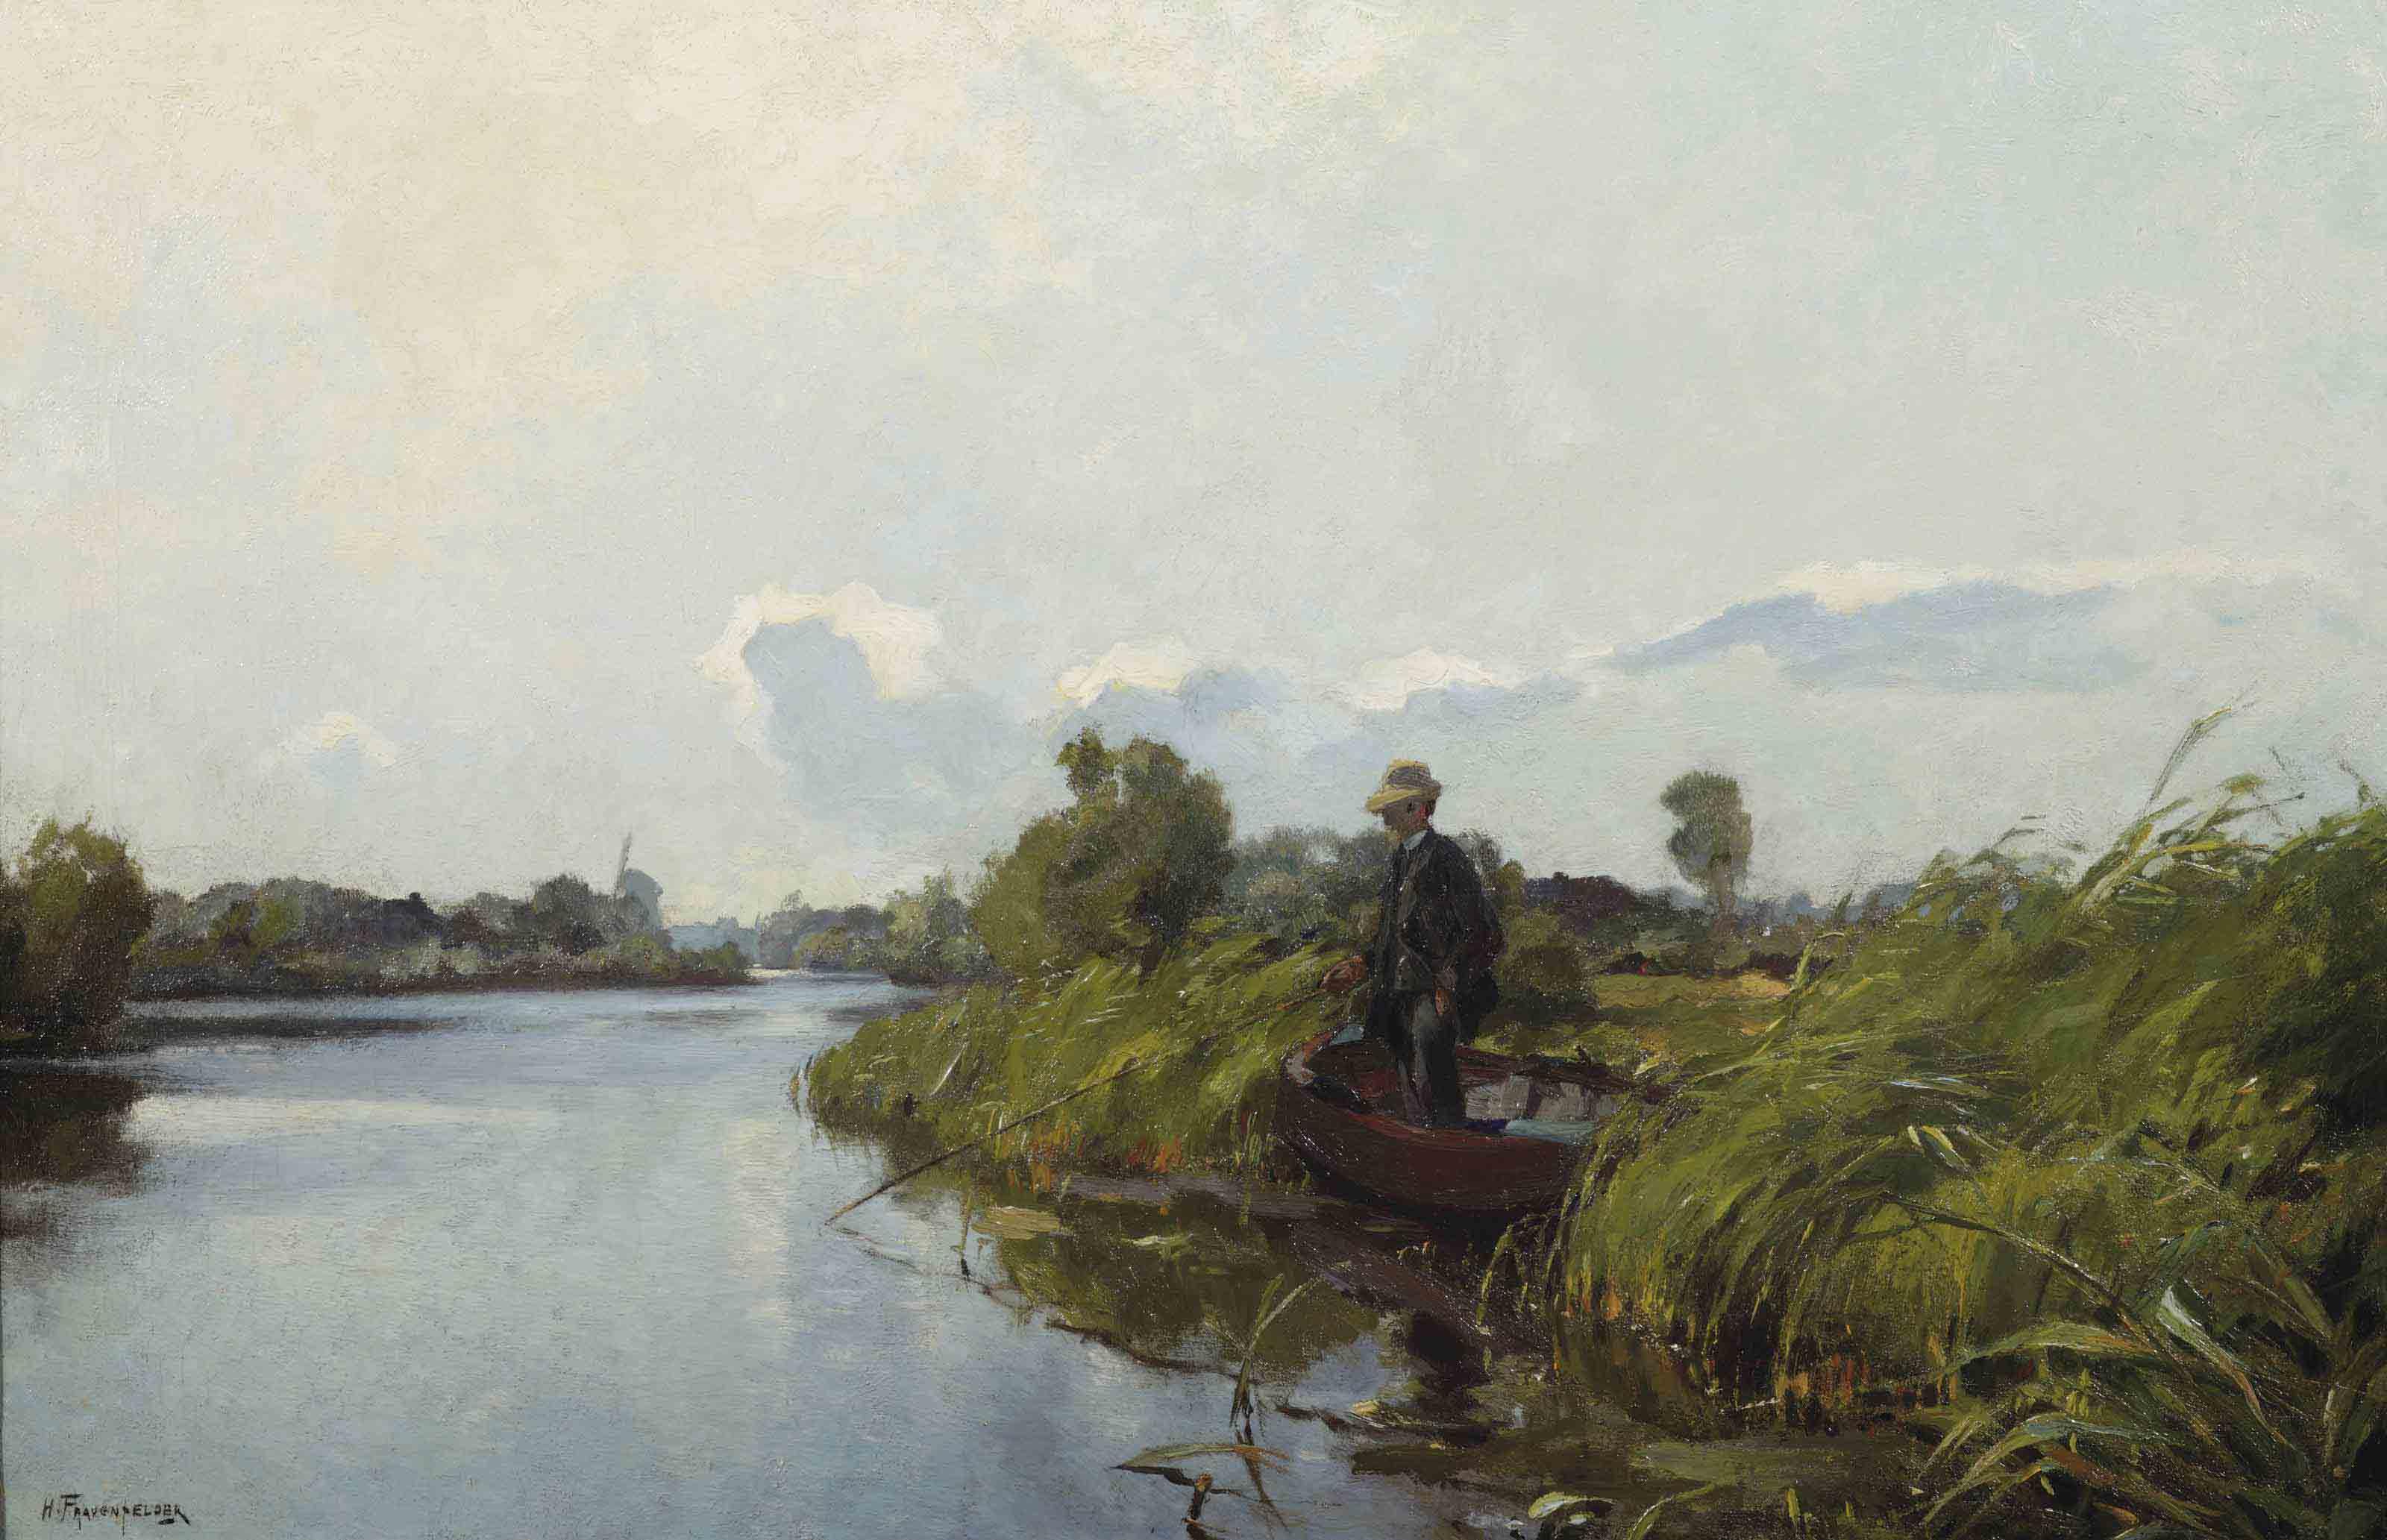 Man fishing in the Old Rhine